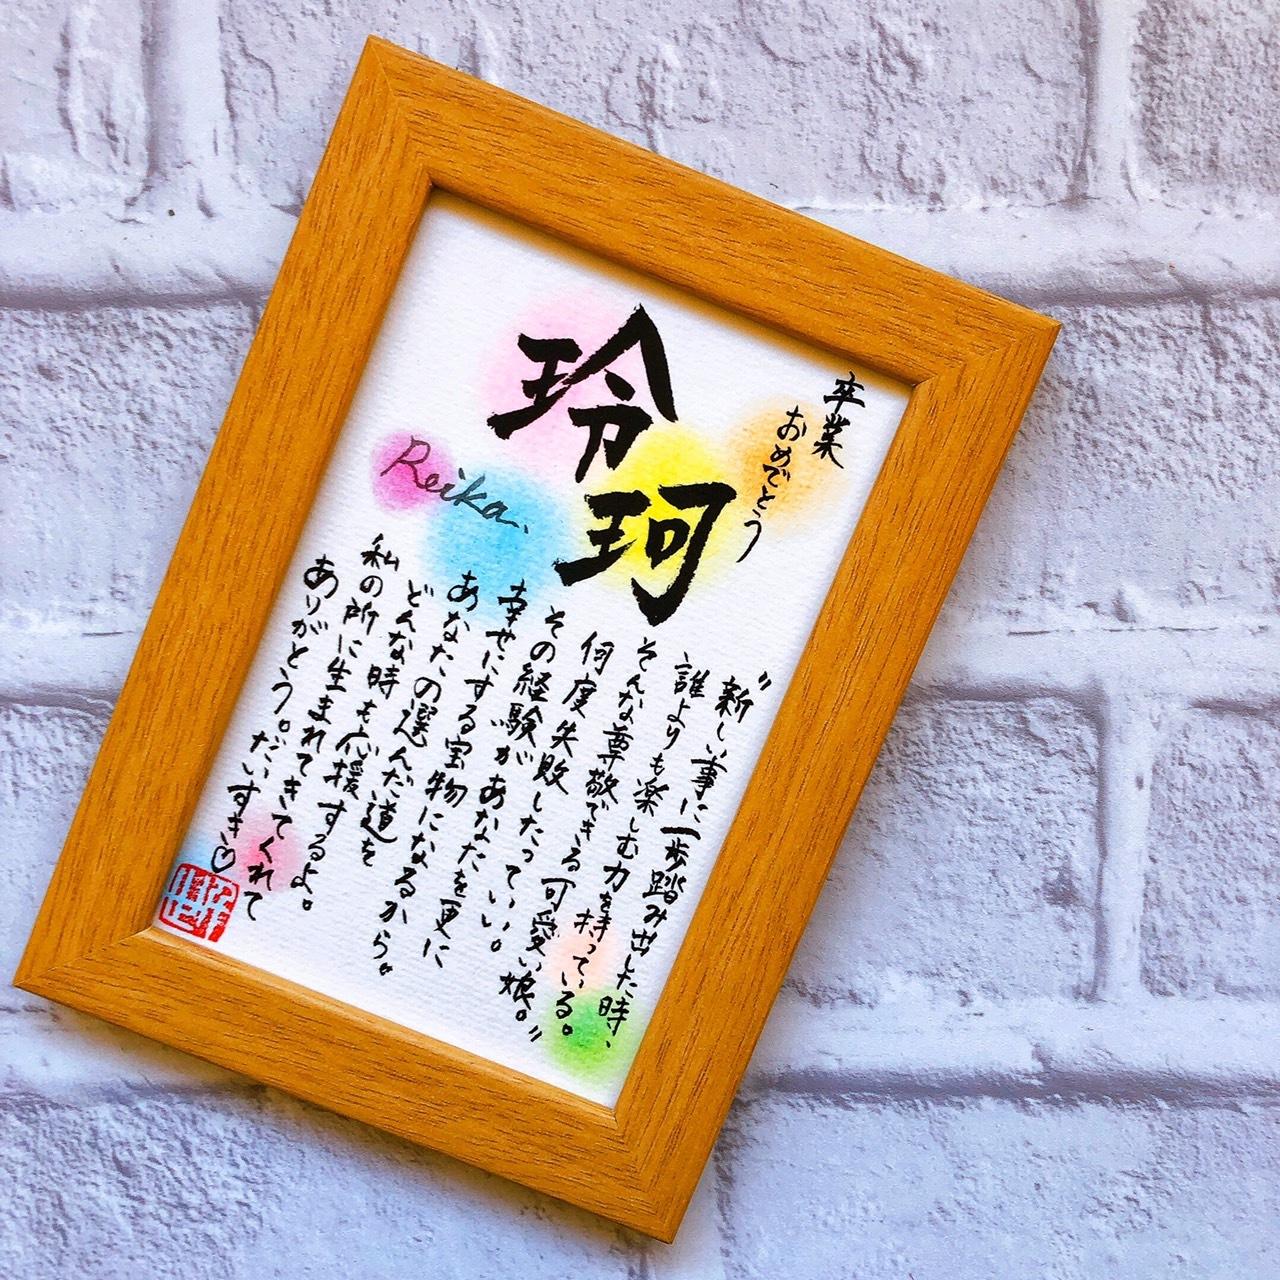 メッセージ作品 / message(ハガキサイズ)